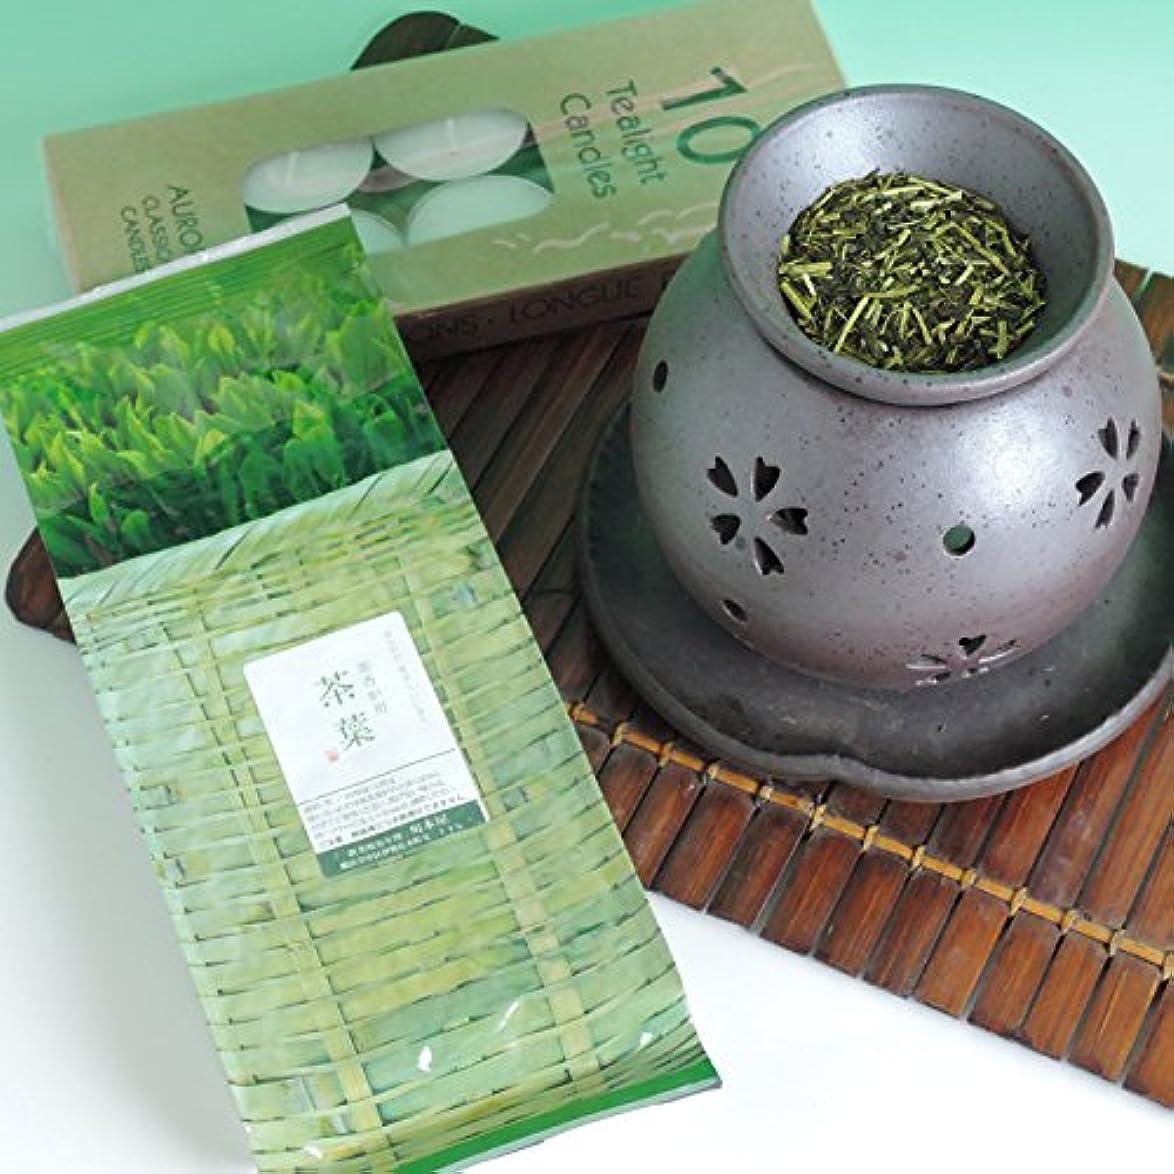 思慮のない発生肘茶香炉 盛正作 ローソク 茶香炉専用 茶葉 セット 川本屋茶舗